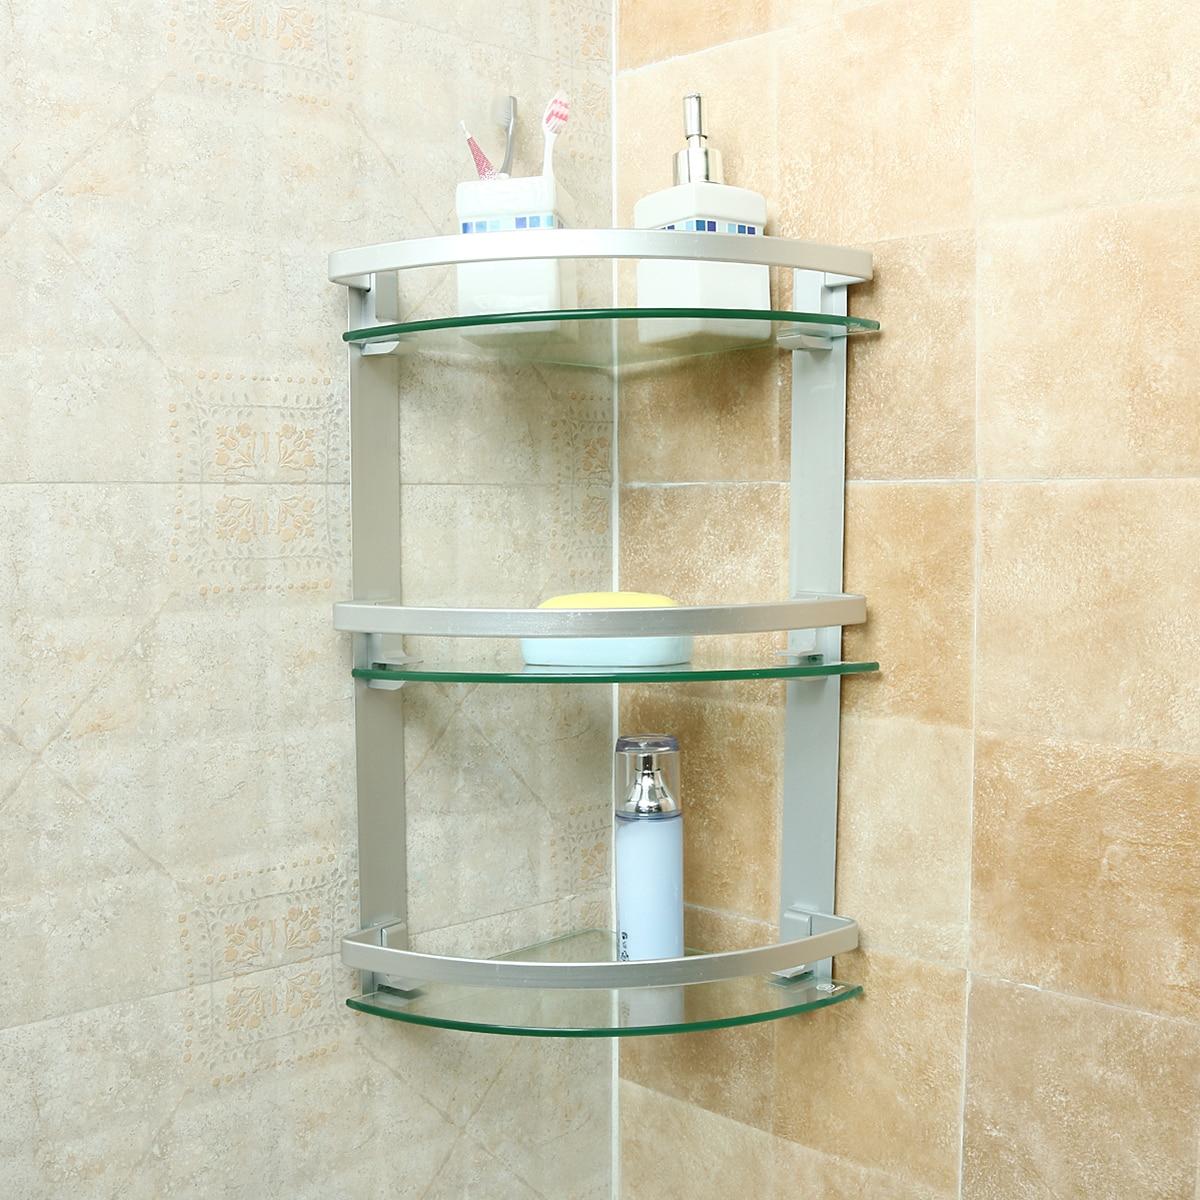 3 Tier Glass Bathroom Shower Caddy Corner Shelf Organizer ... on Bathroom Corner Shelf  id=71492